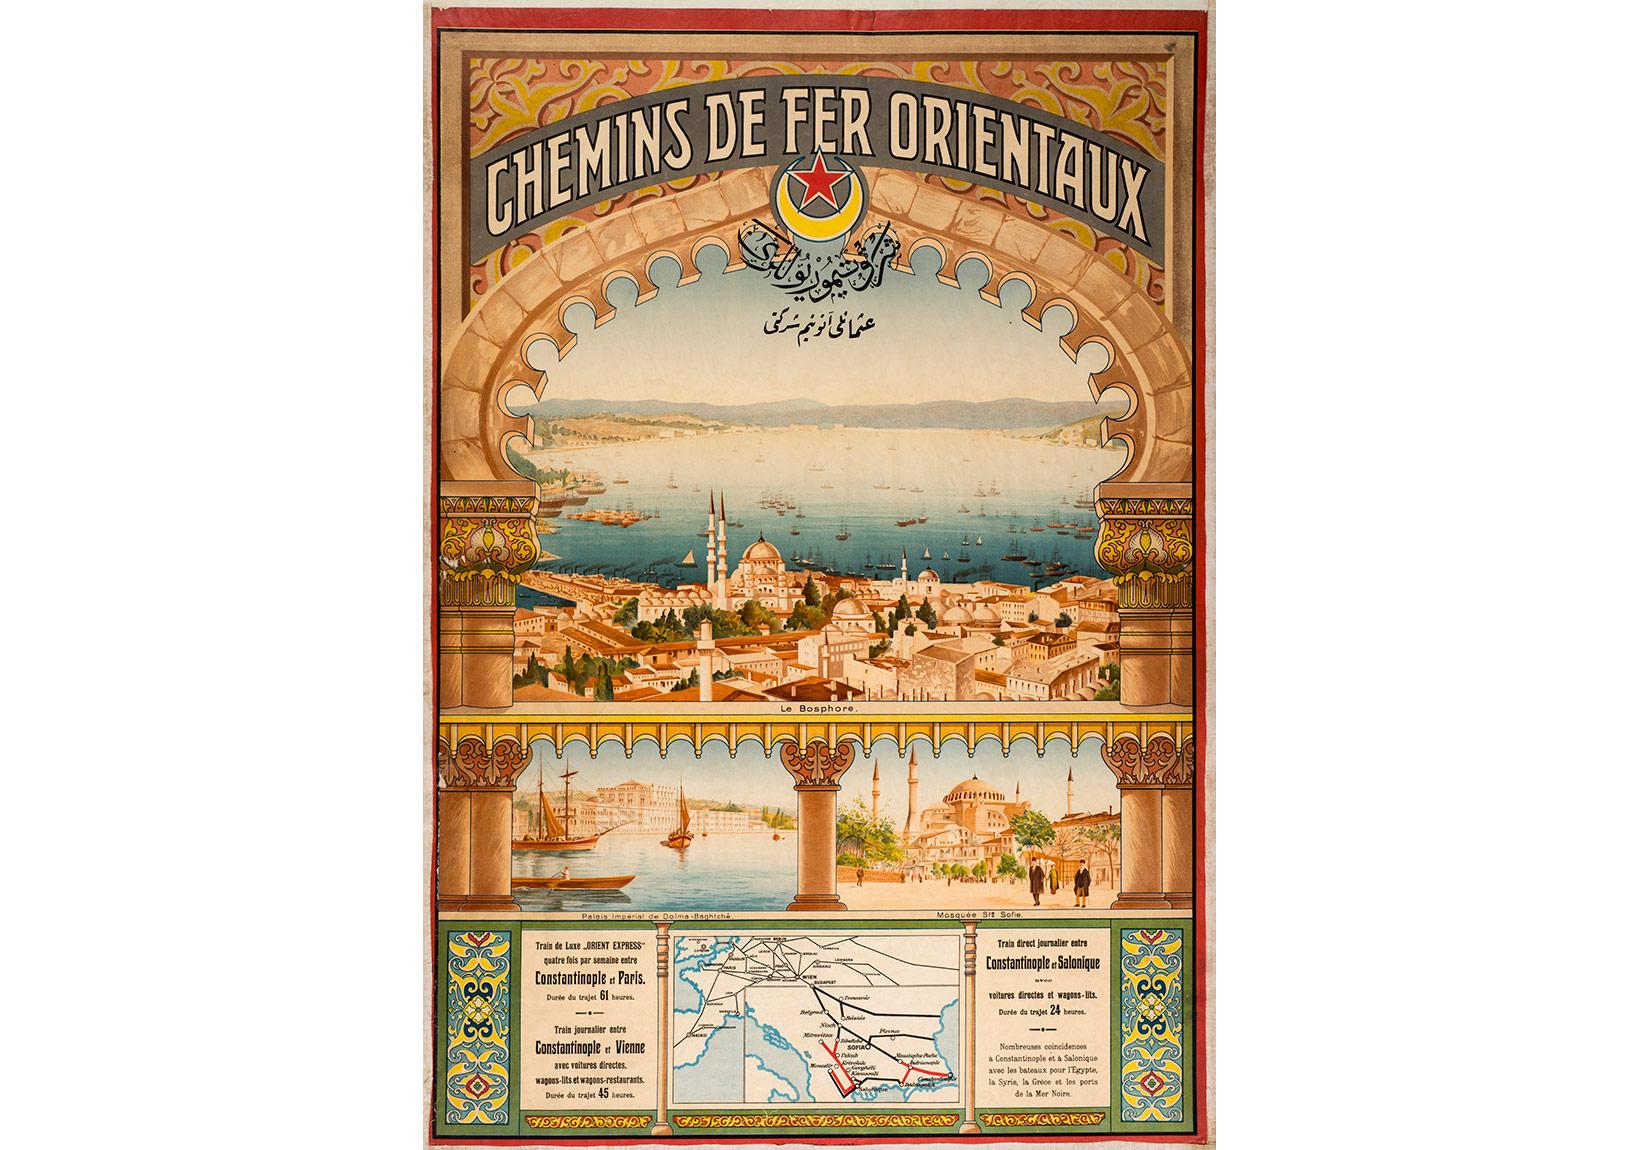 Chemins de fer Orientaux afişi, Anonim, Pierre de Gigord Koleksiyonu.